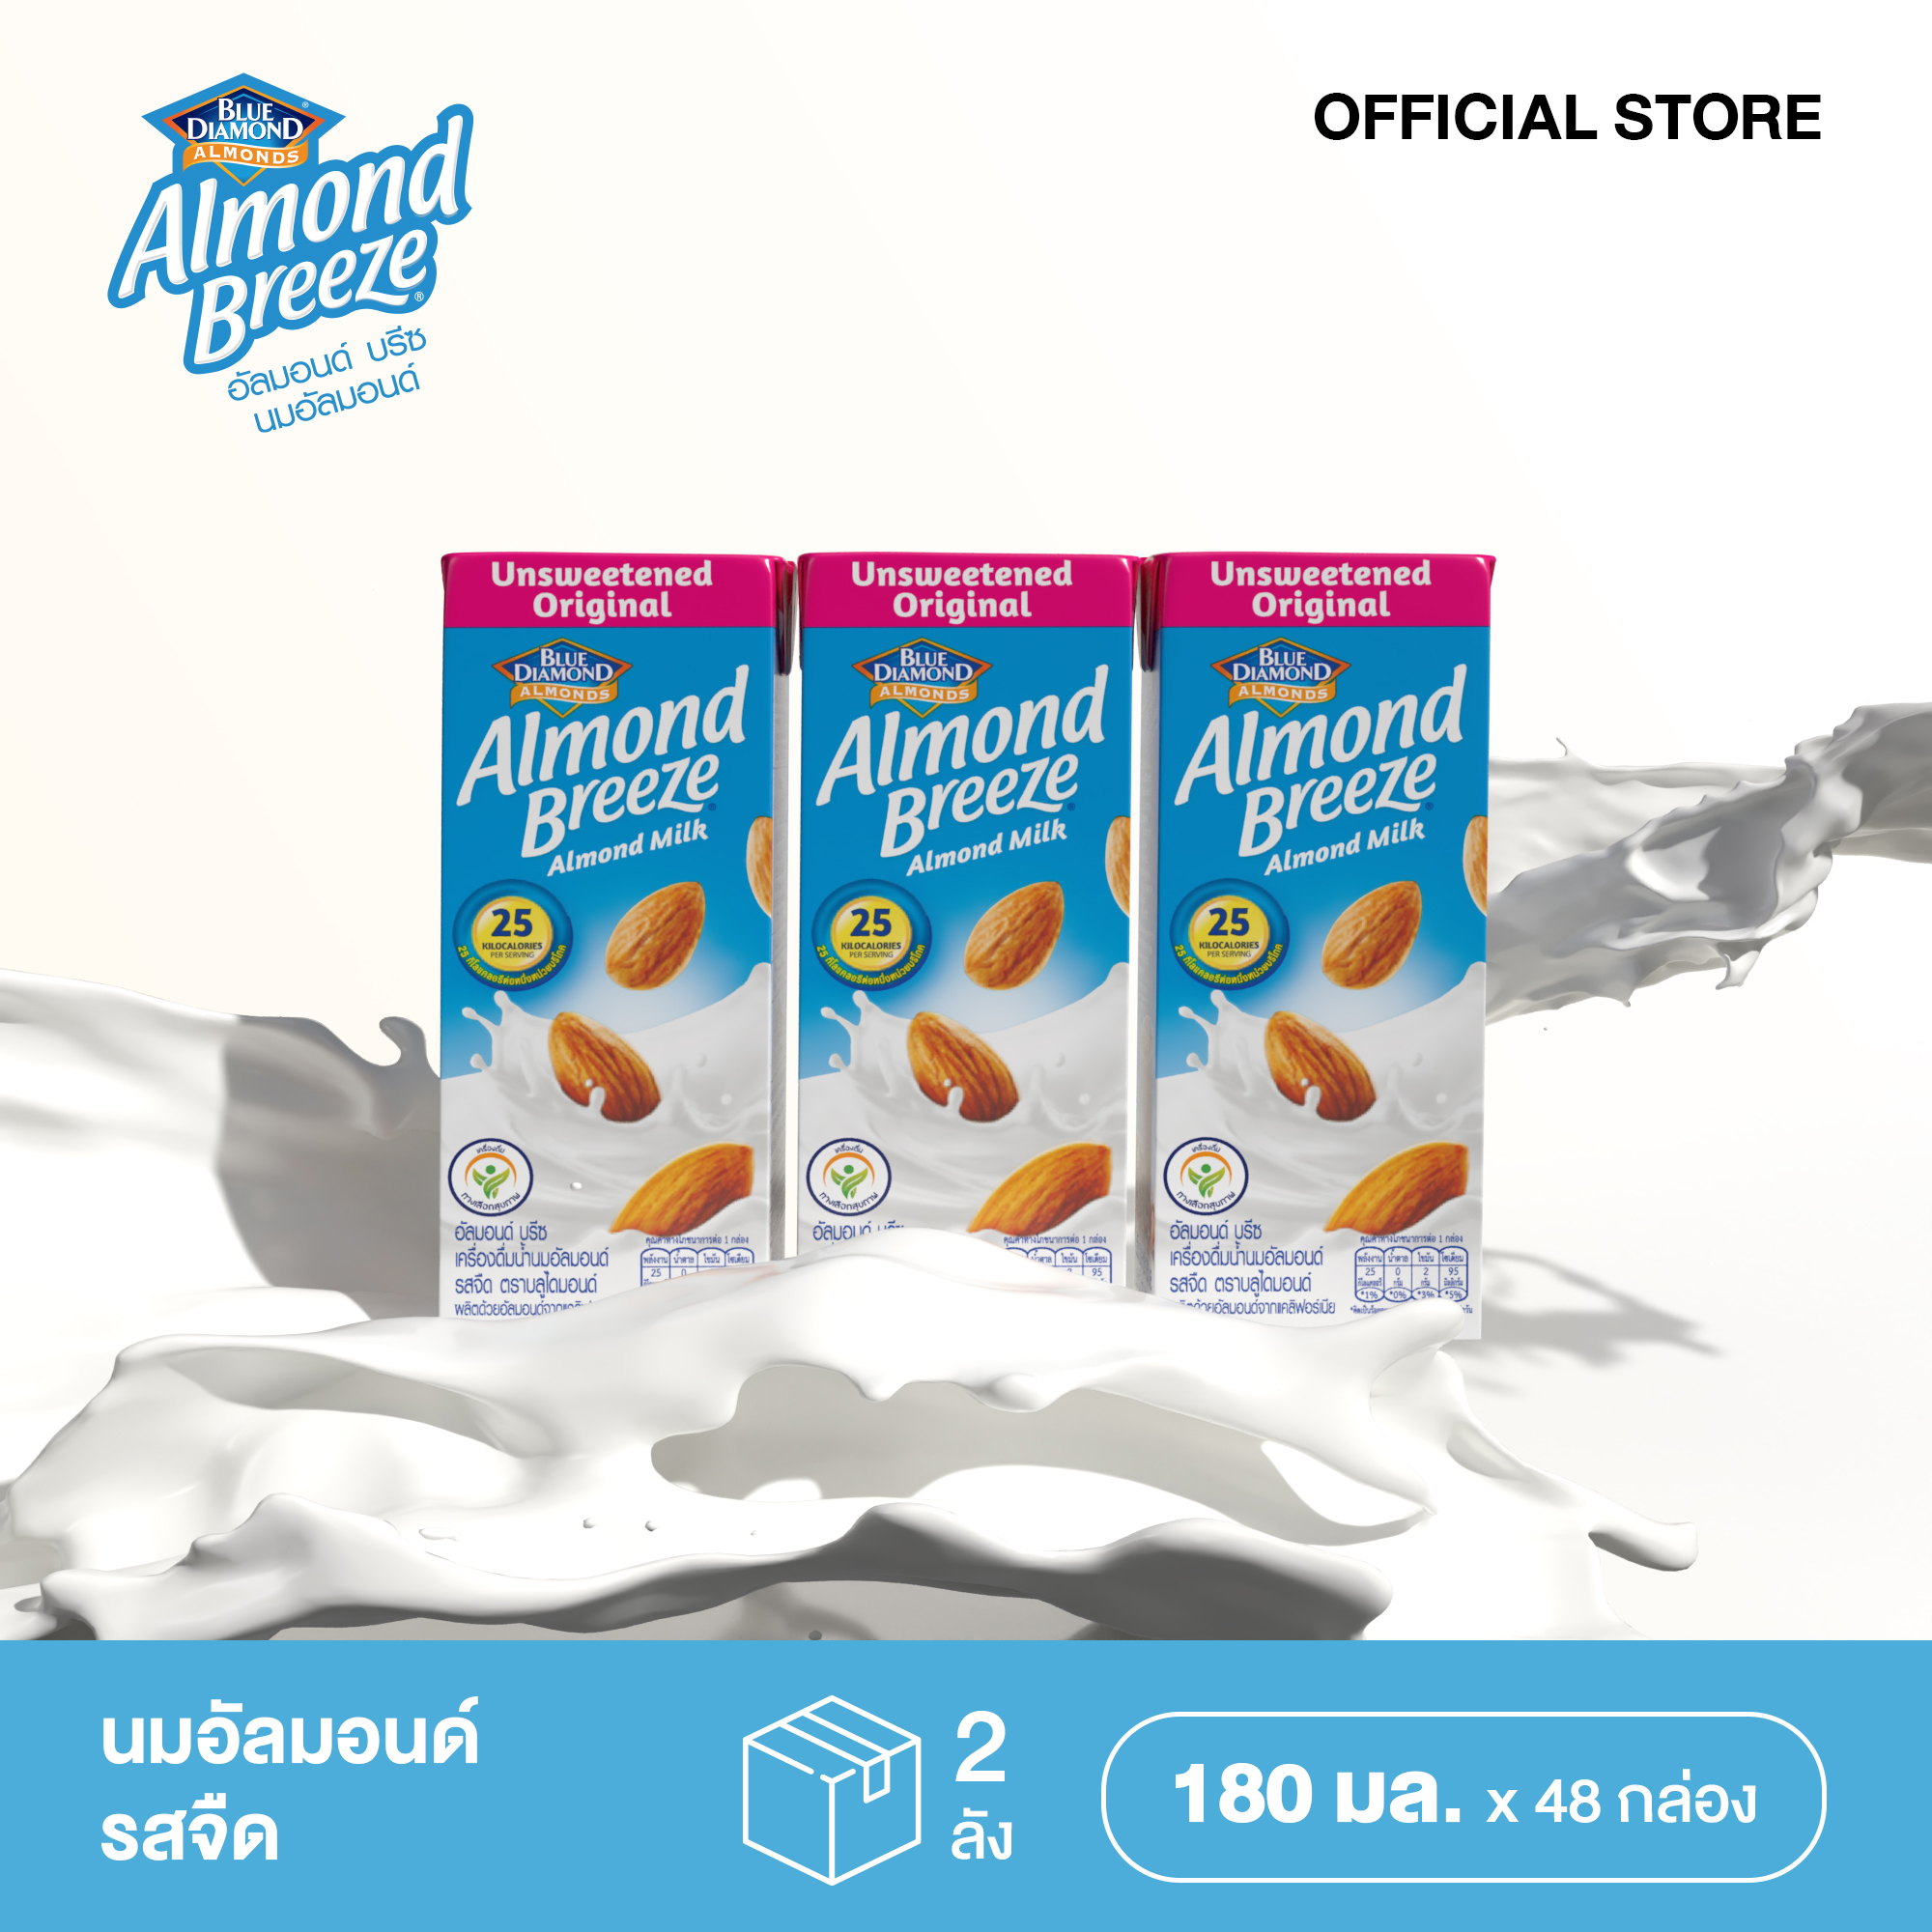 นมถั่วอัลมอนด์ ยี่ห้อไหนดี รสไหนอร่อย แถมสุขภาพดี